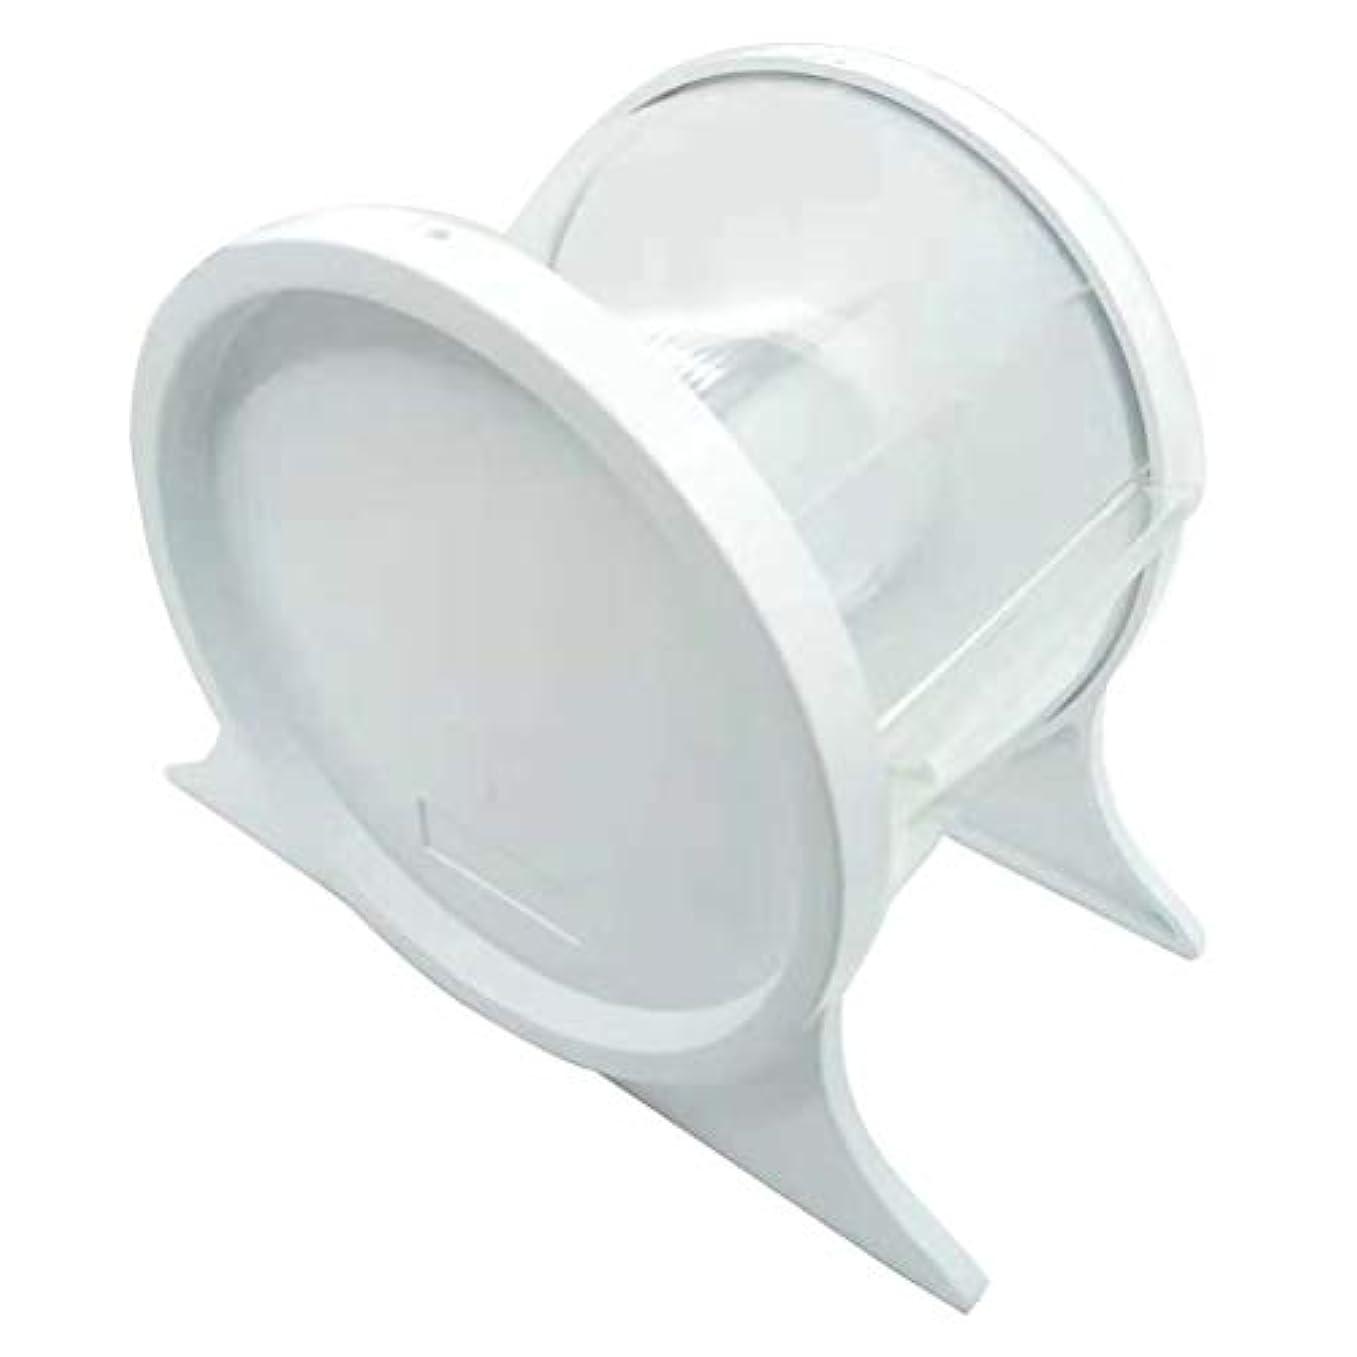 予想する後退するいわゆるHealifty 1ピース使い捨て歯科バリアフィルムディスペンサー保護スタンドホルダーシェルフ歯科ツール(ホワイト)